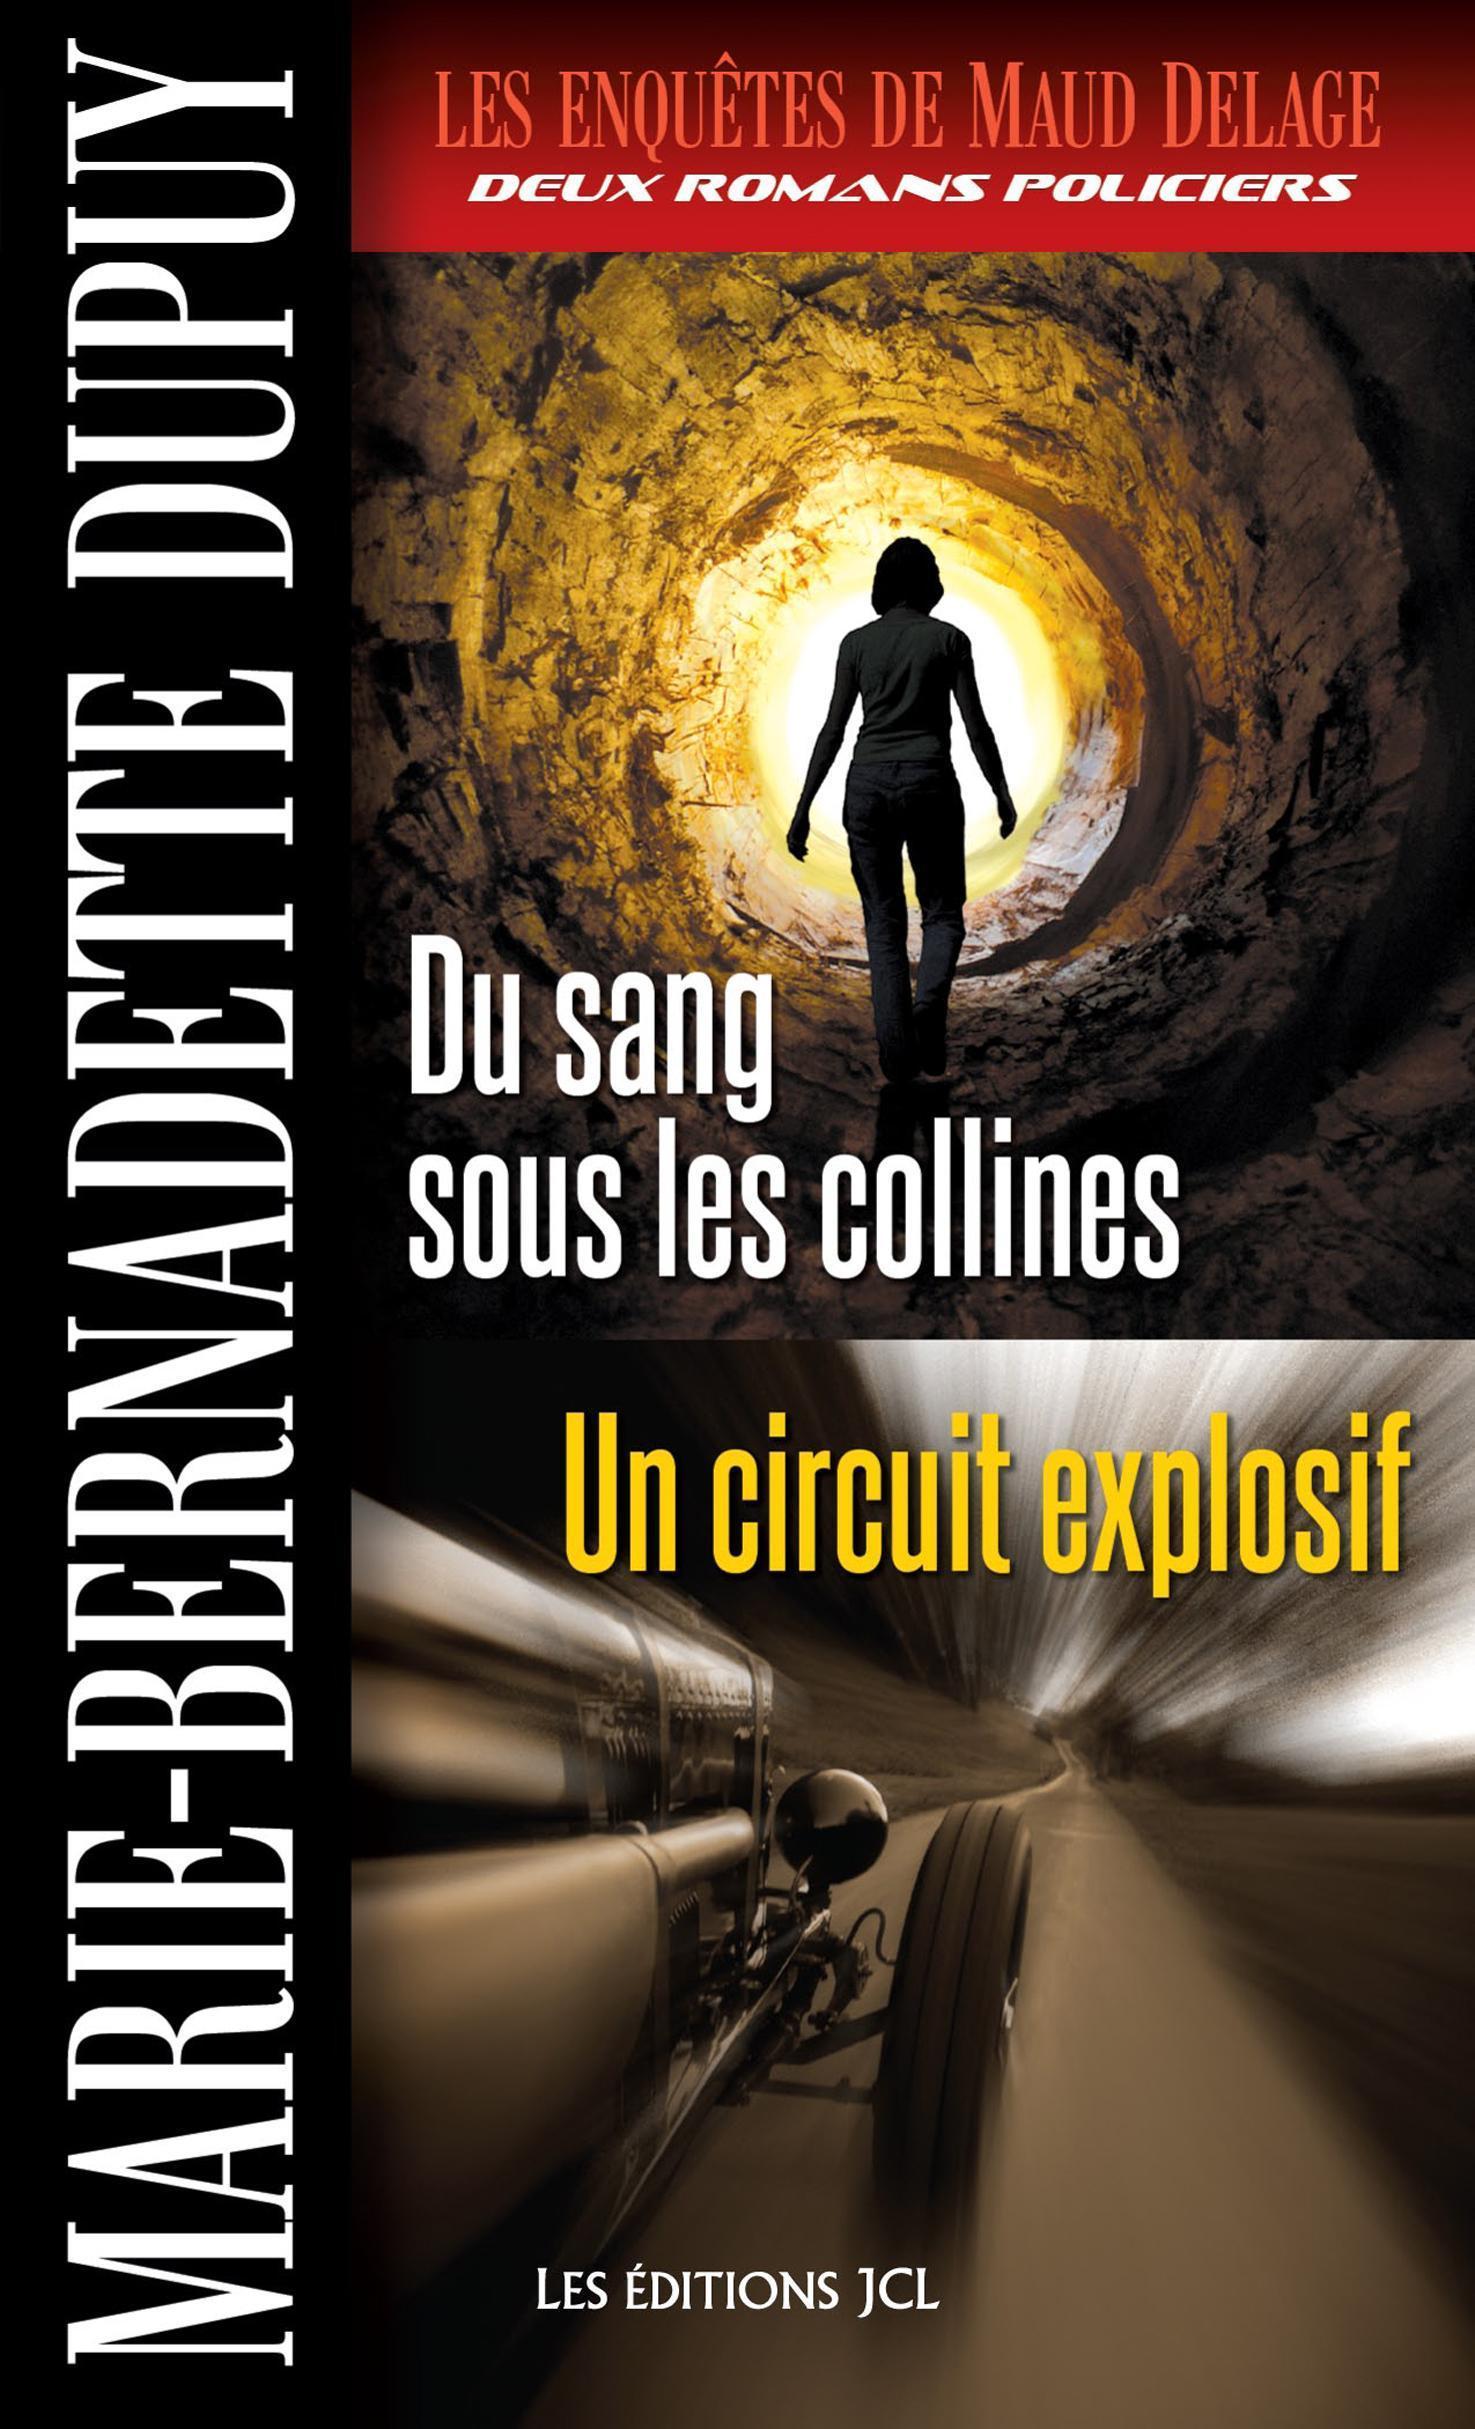 Les Enquêtes de Maud Delage, volume 1